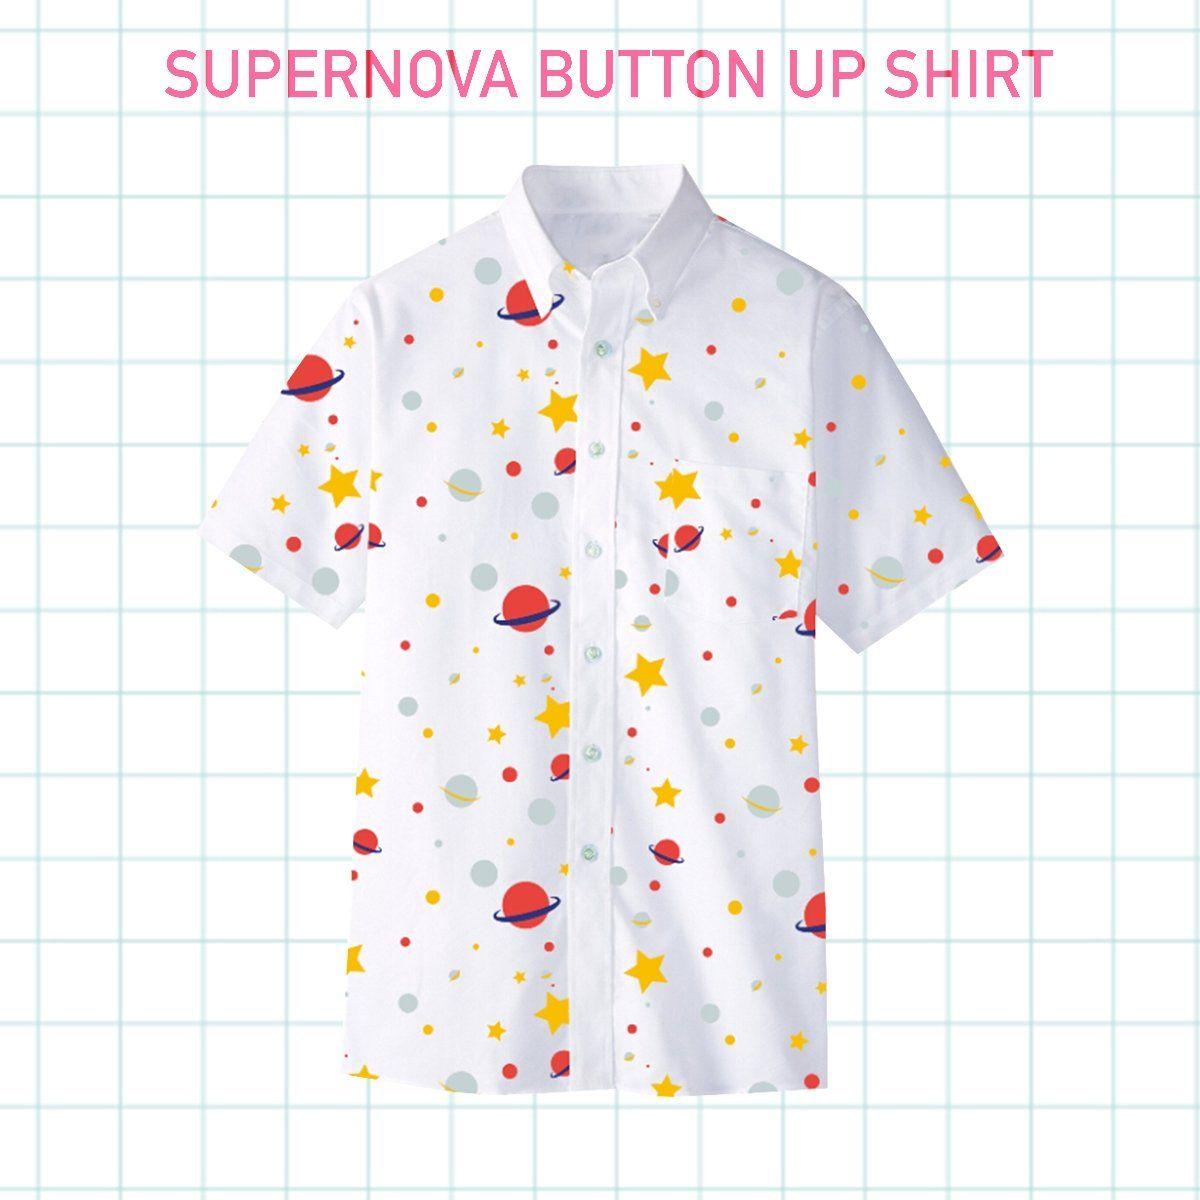 5162e82f98a SUpernova Button up shirt by Liliuhms | Threads | Button up shirts ...